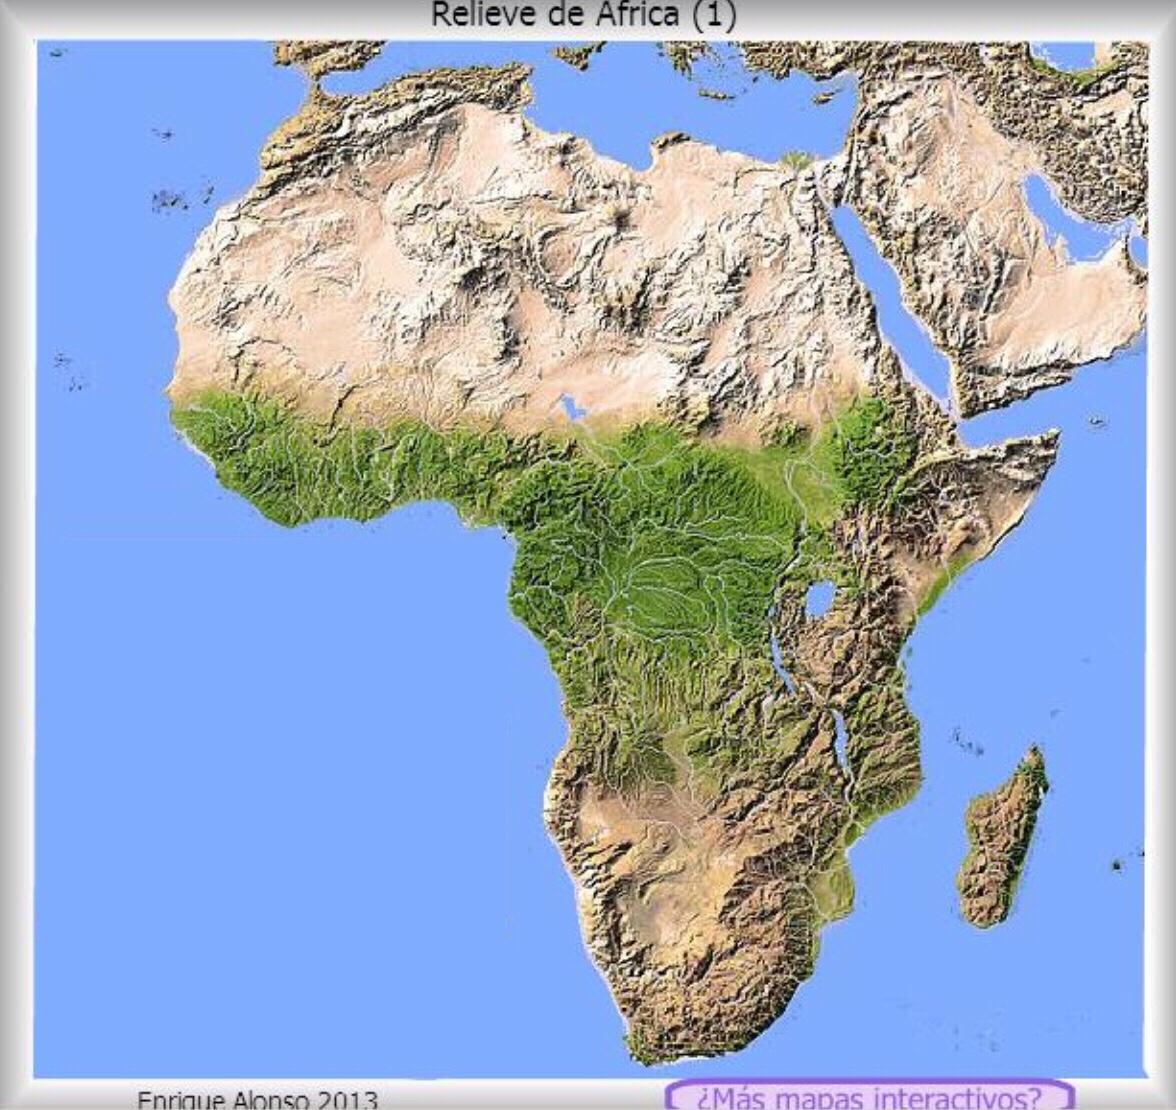 Relieve De Africa Mapa.Copia De Africa Fisico Mapa Relieve